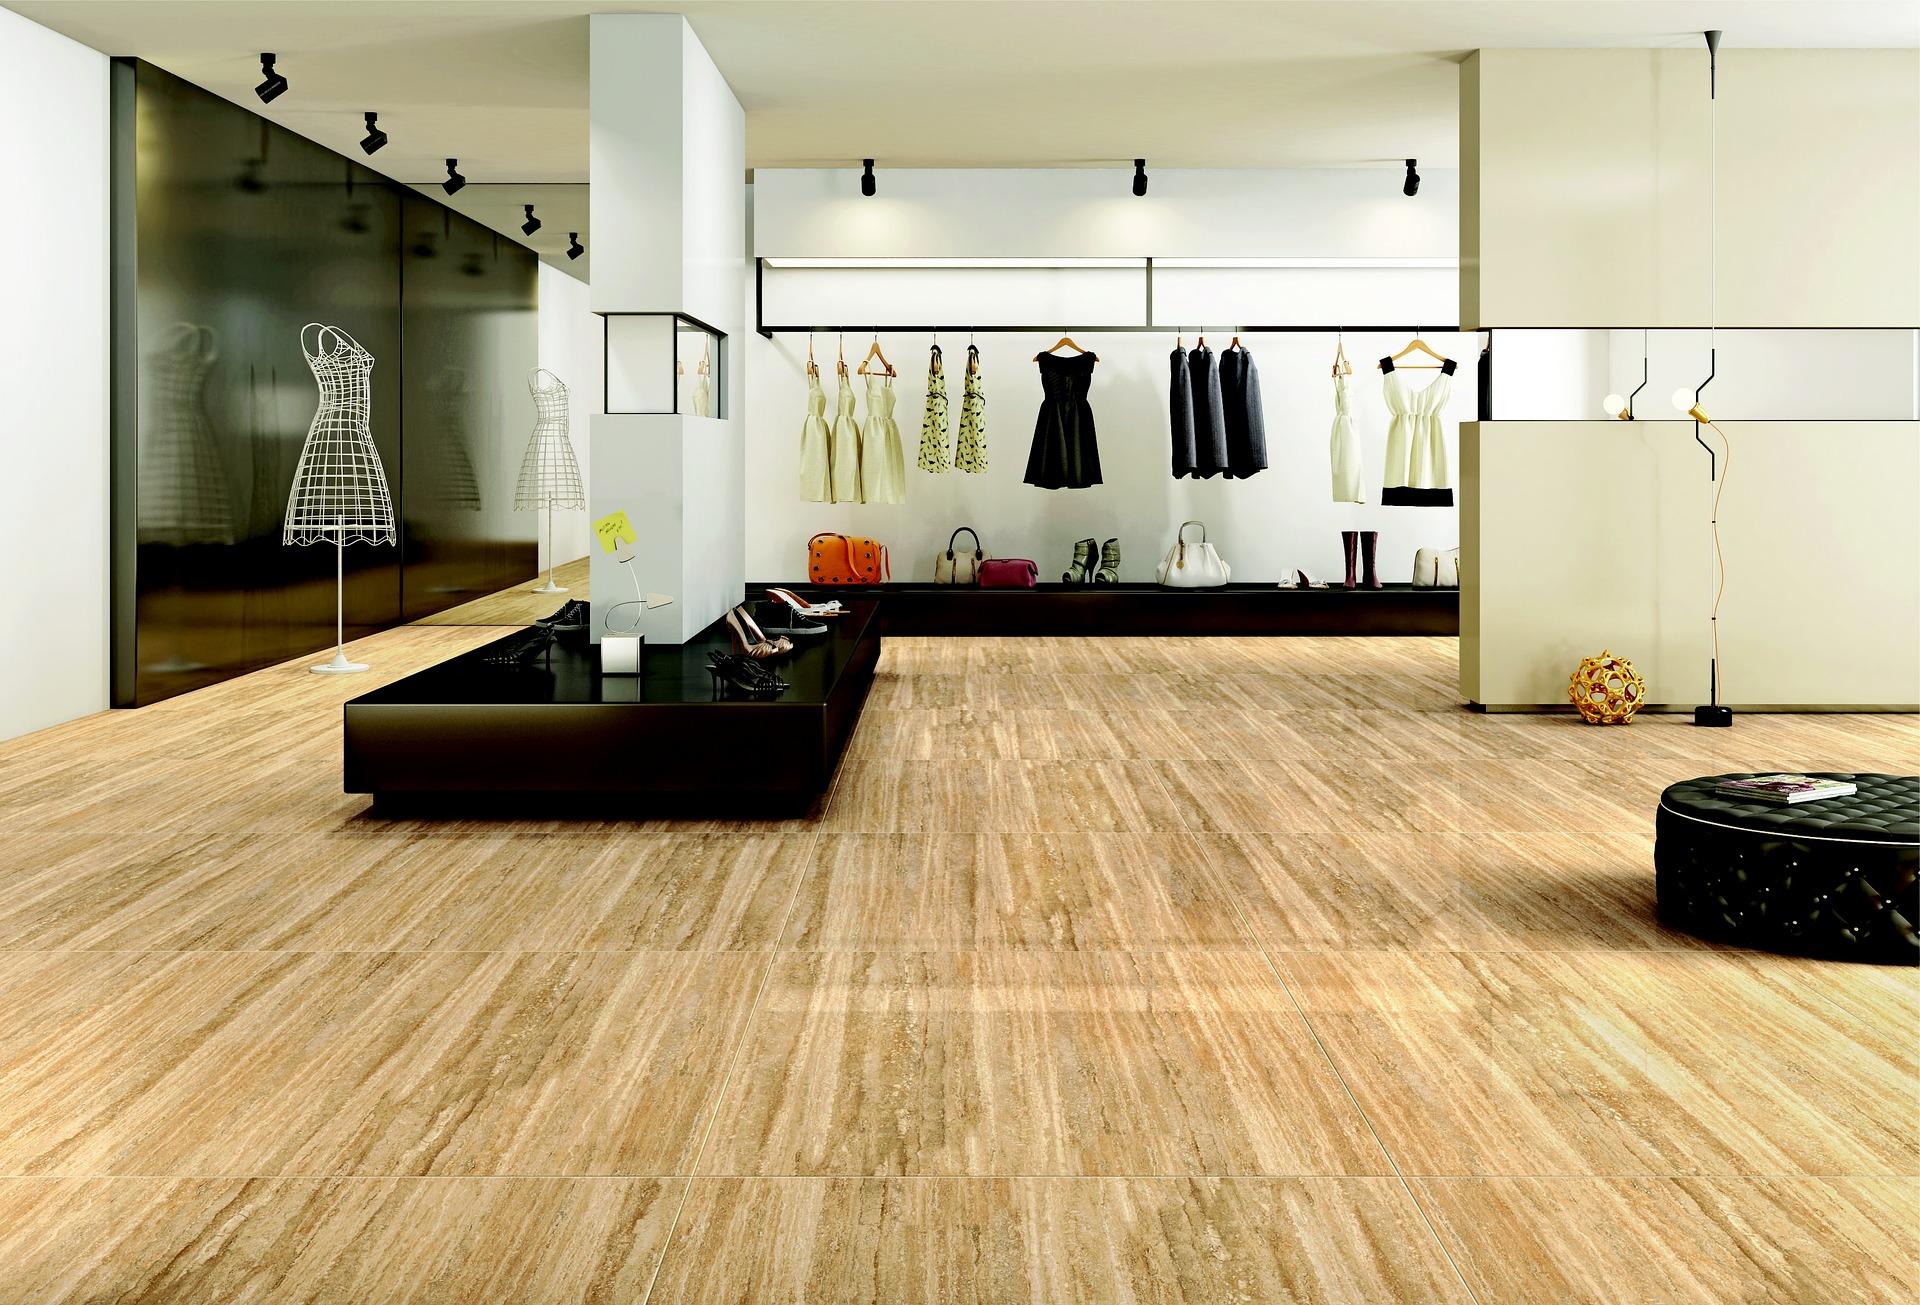 Beton Fußboden Auf Fliesen ~ Holz beton metall naturstein fliese melde malereibetrieb